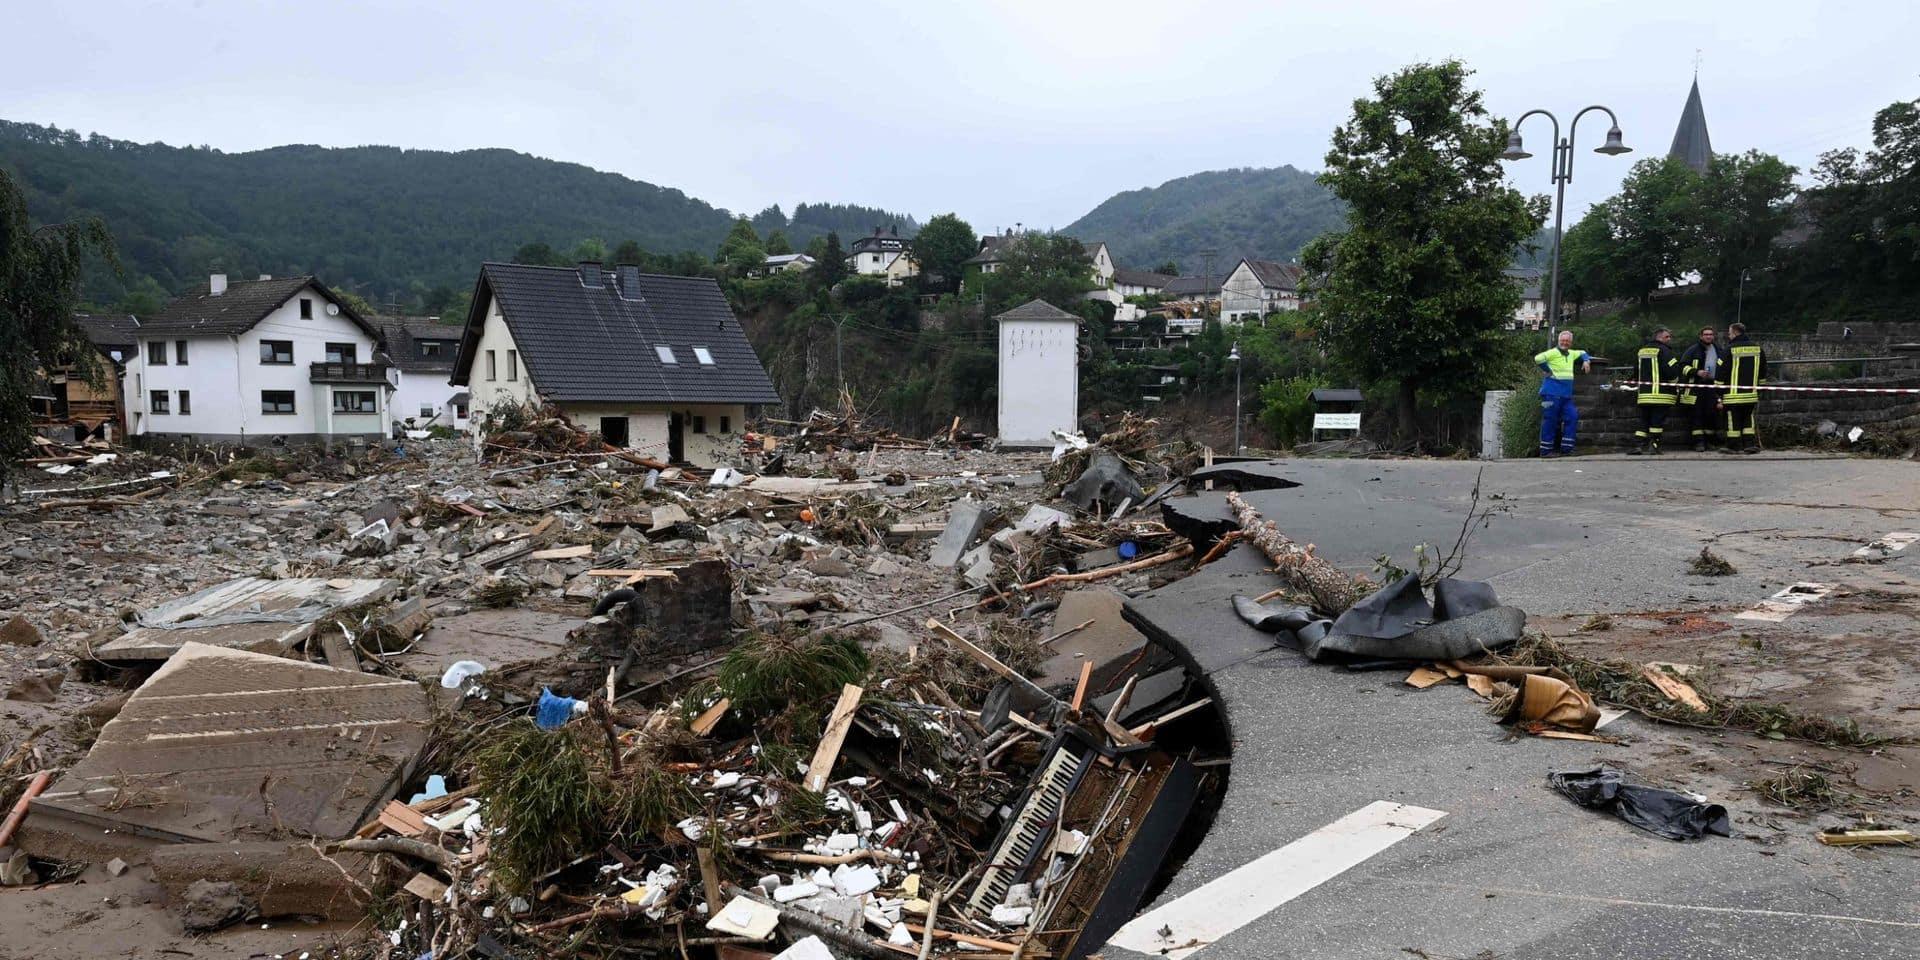 Allemagne: déjà 90 décès confirmés dans la région d'Ahrweiler, 133 au total